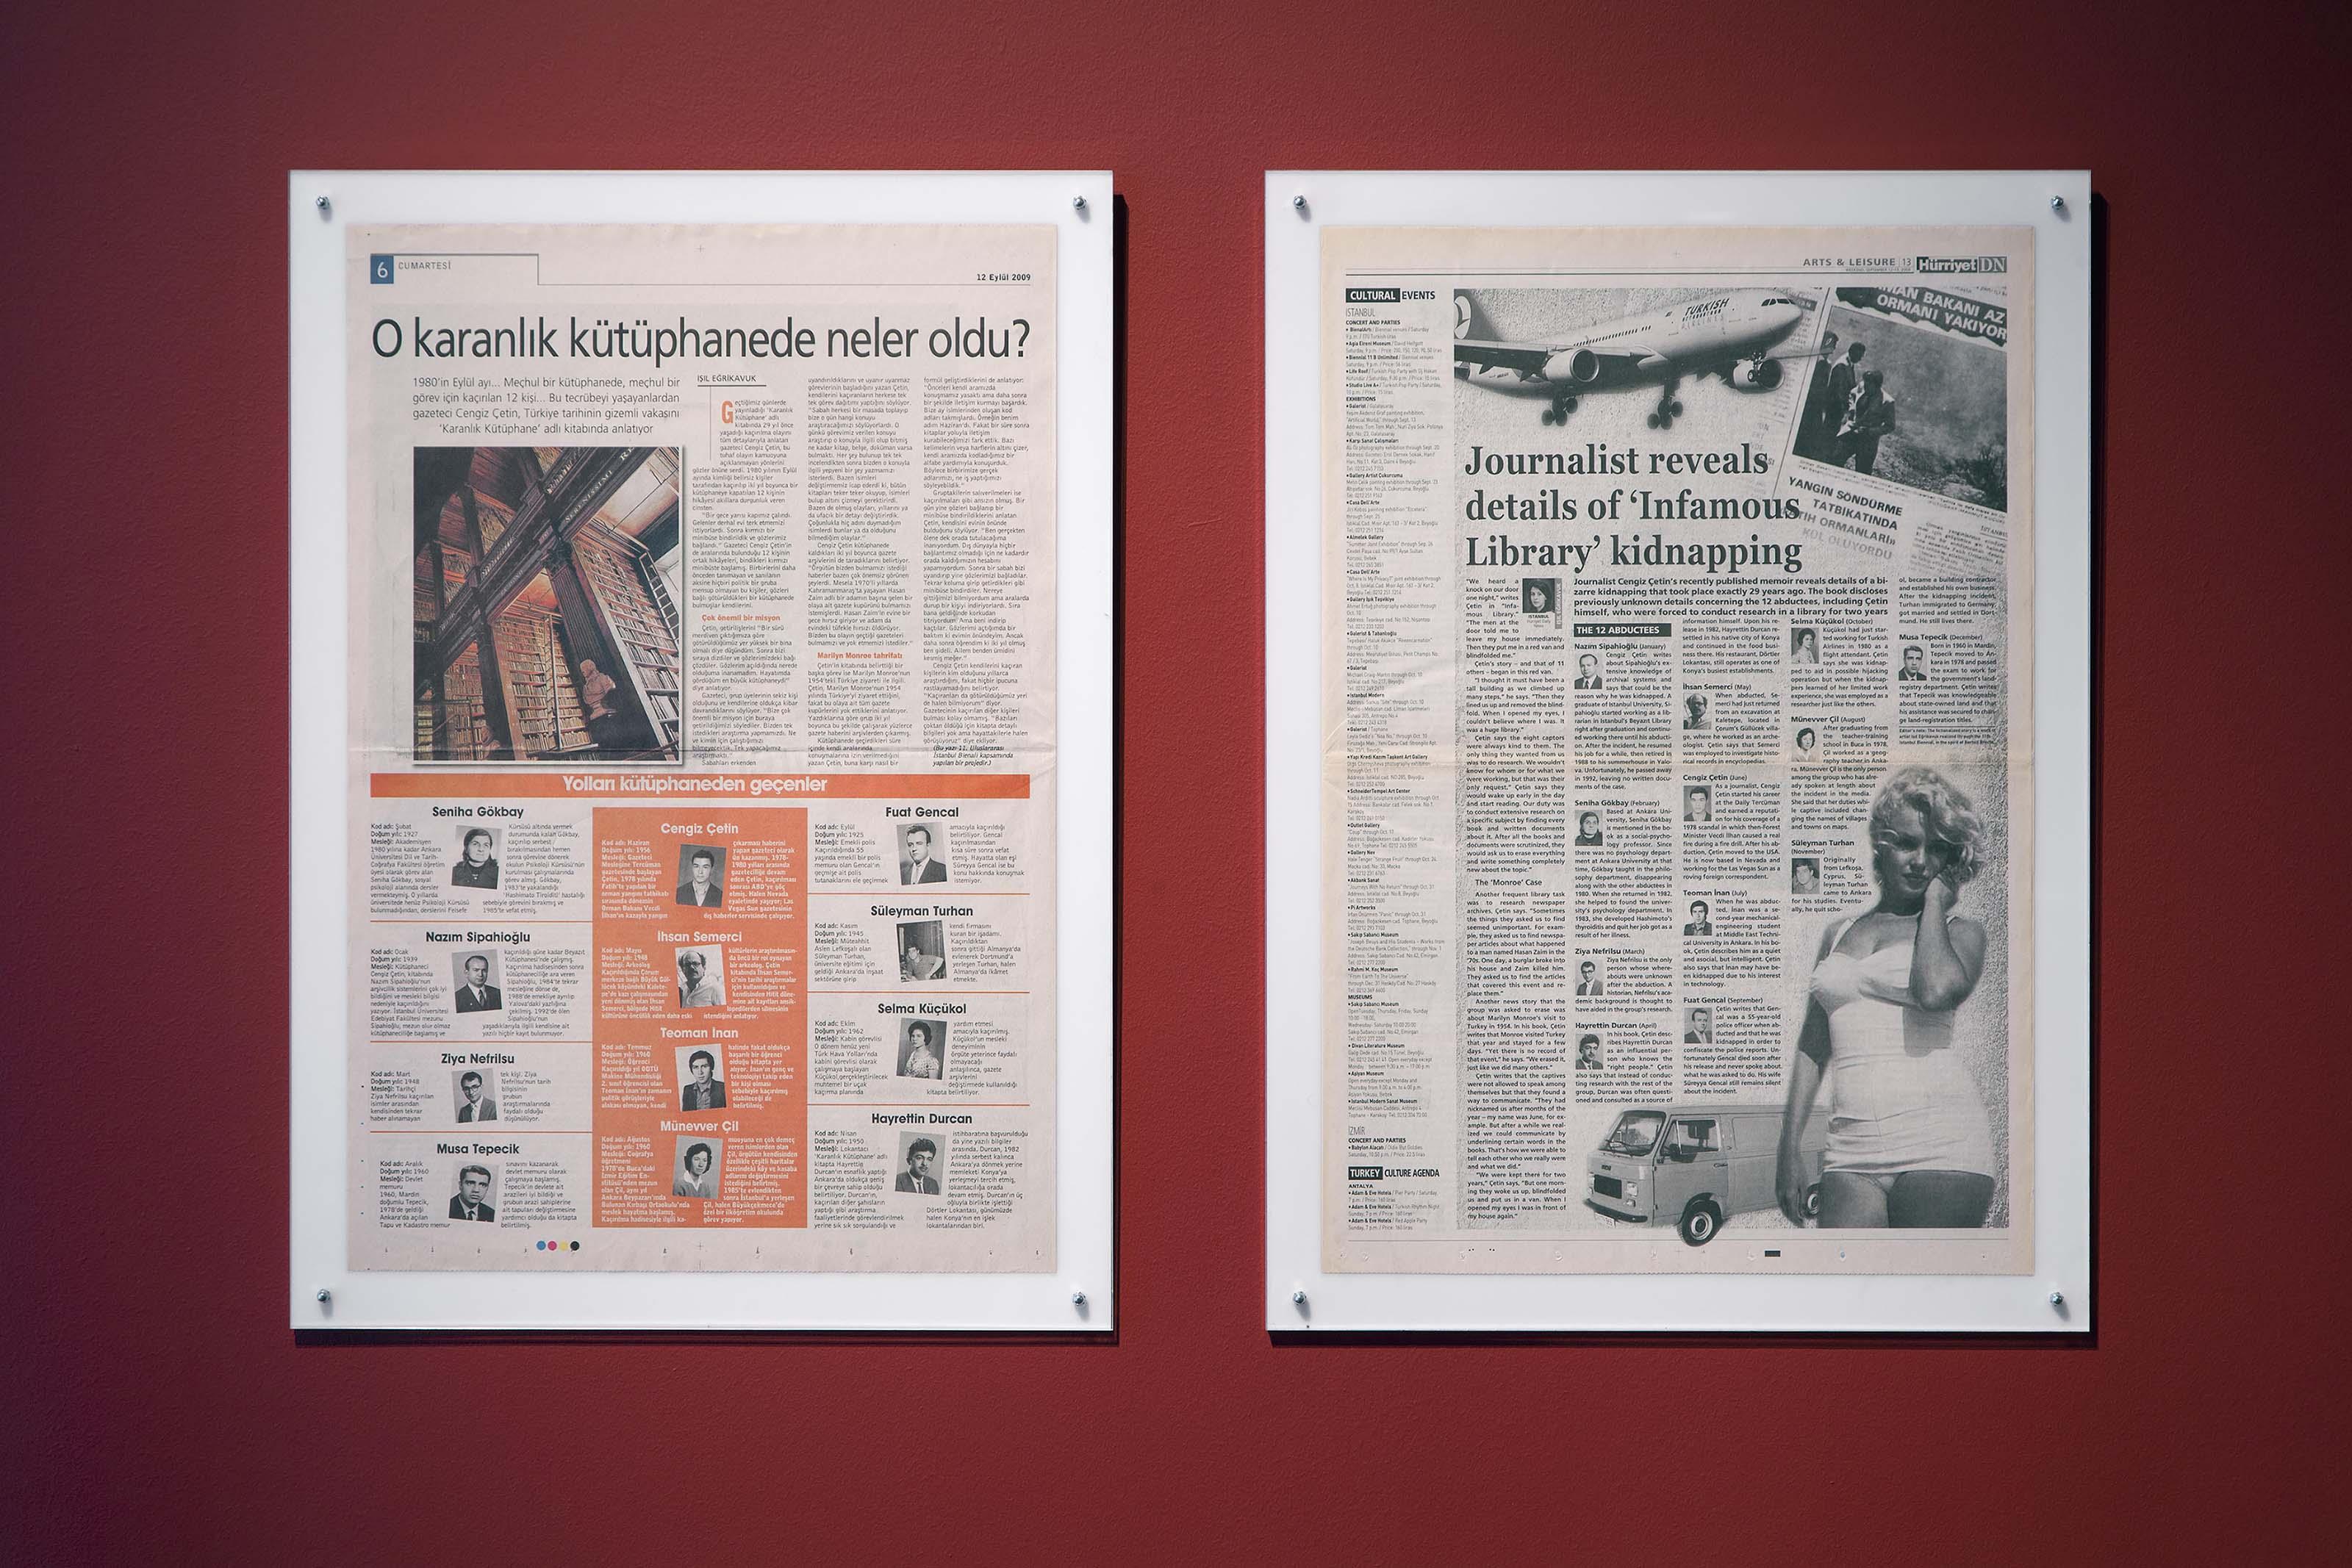 Işıl Eğrikavuk, Karanlık Kütüphane, 2009, Gazete projesi, diptik (Radikal – Hürriyet Daily News, 12.09.2009) 1+ 1 AP Ebat: 45 X 65 cm.